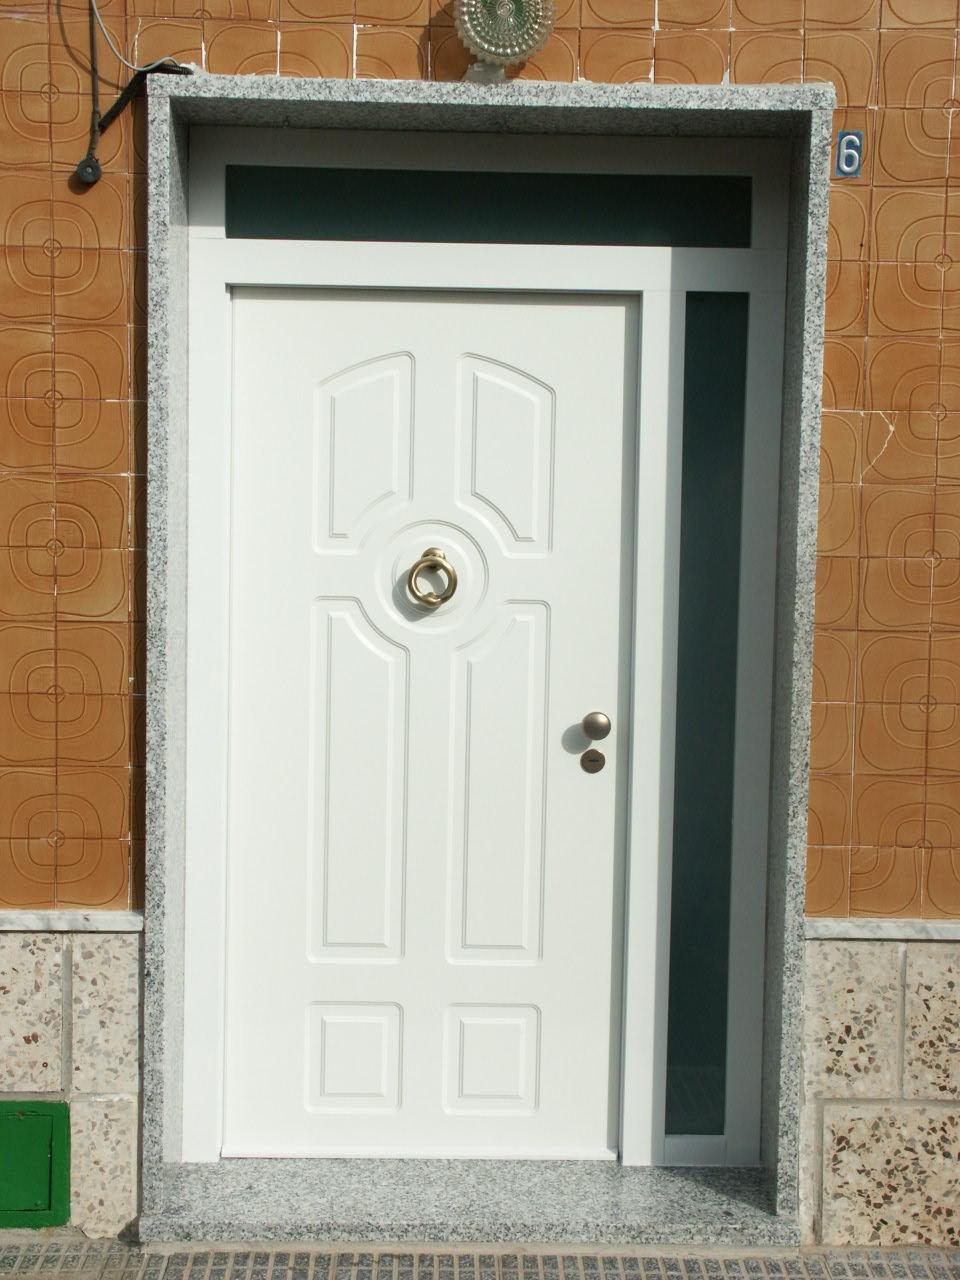 Galer a de fotos y ejemplos de puertas tecemur for Puertas exterior aluminio baratas